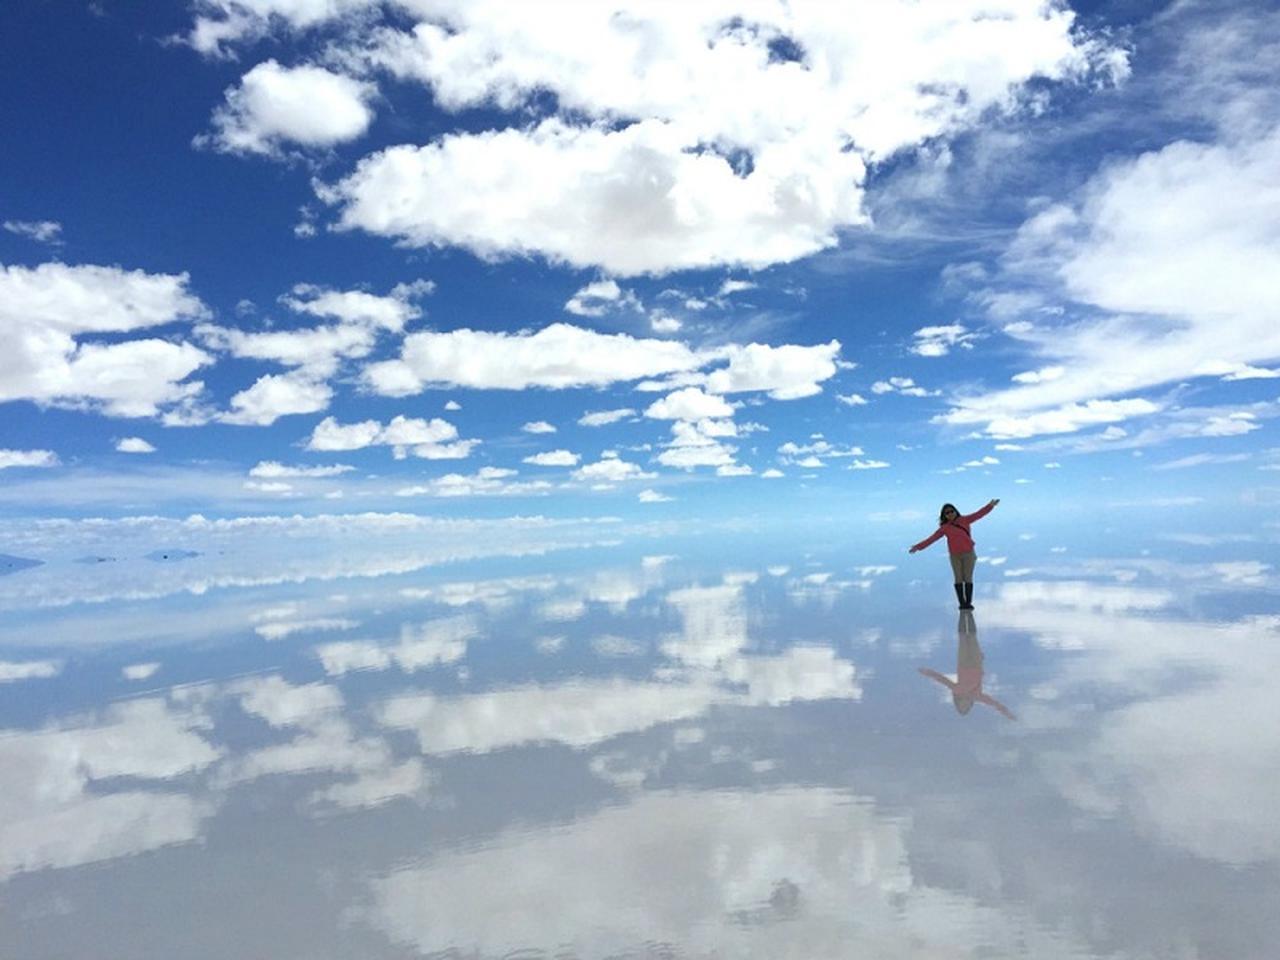 画像: 【ウユニ塩湖】第1弾・ウユニ塩湖おすすめの絶景≪世界のウユニ塩湖5選動画も更新!≫ - クラブログ ~スタッフブログ~|クラブツーリズム